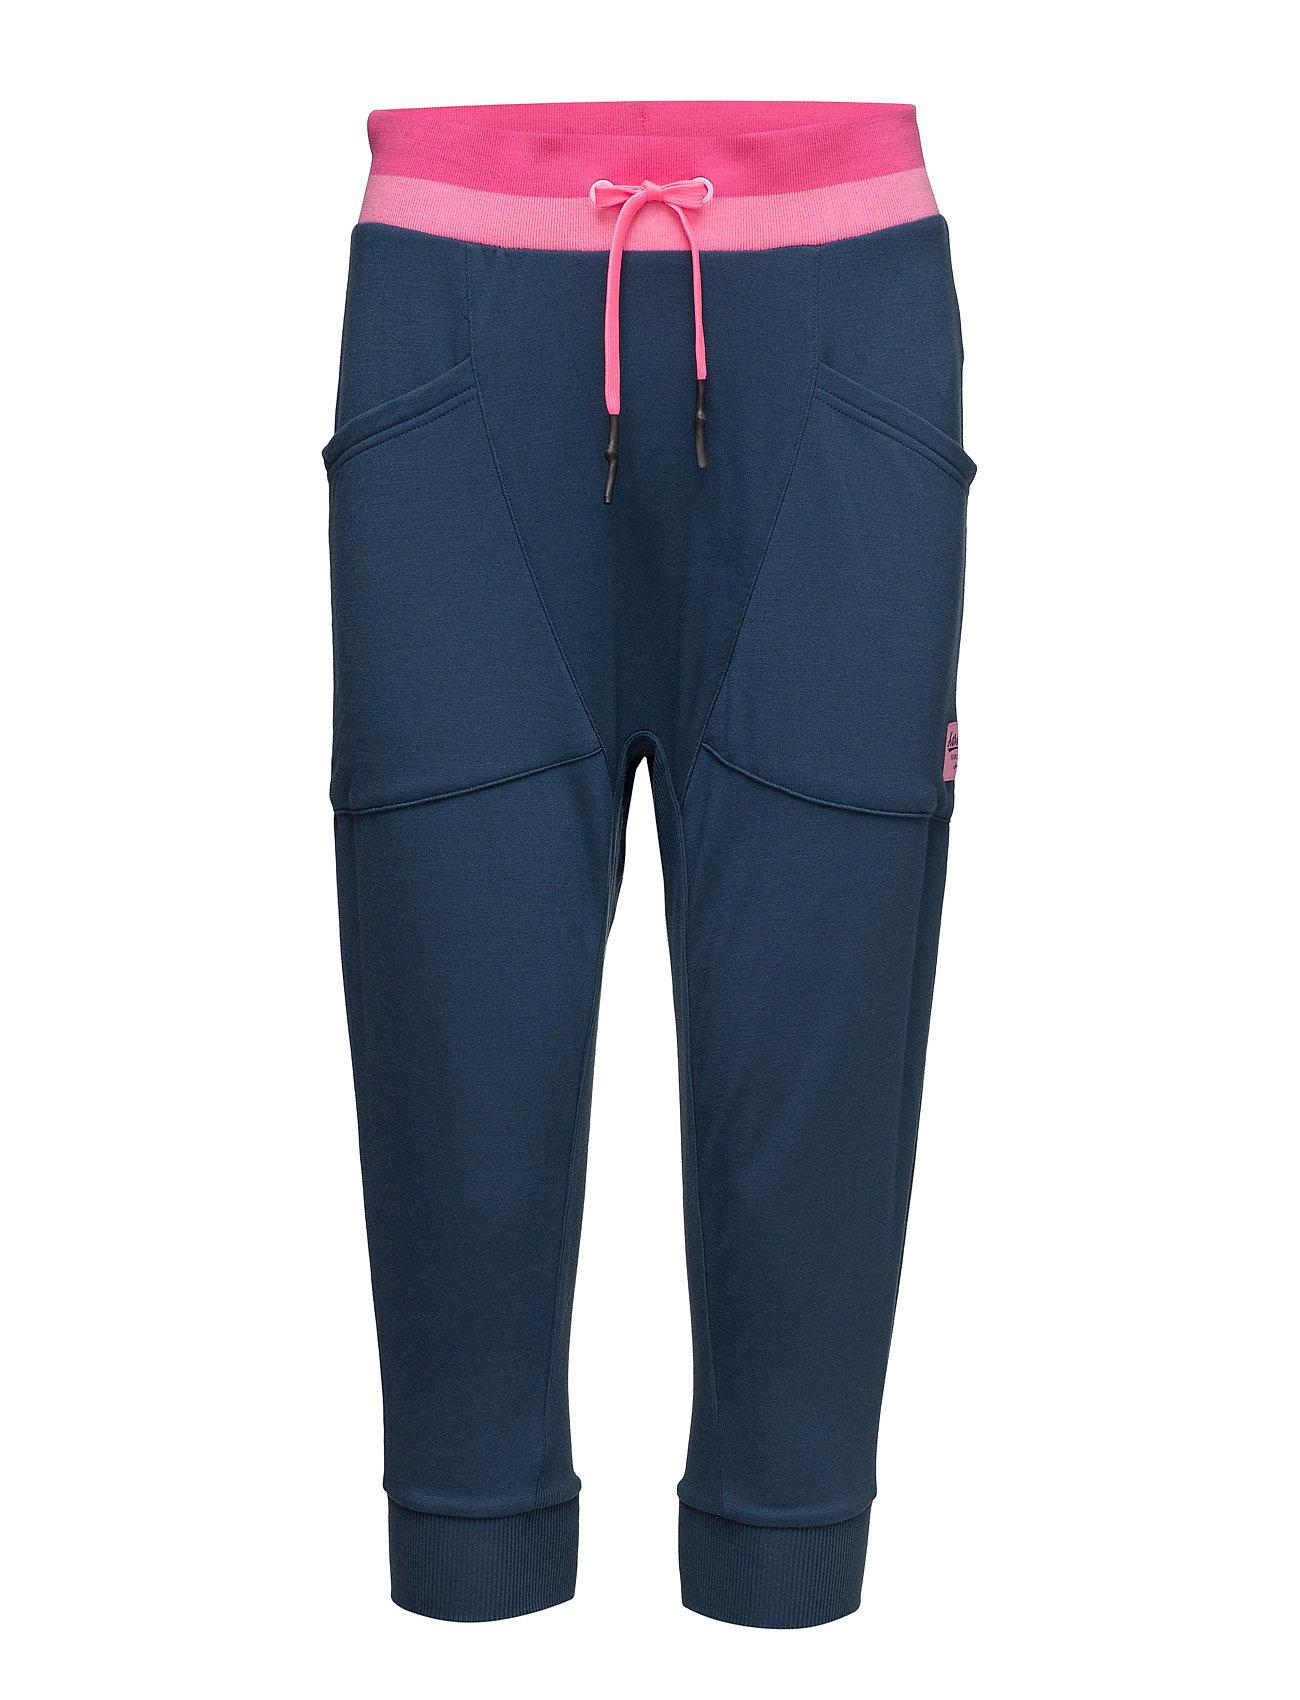 Tvilde Capri Kari Traa Træningsbukser til Damer i Navy blå